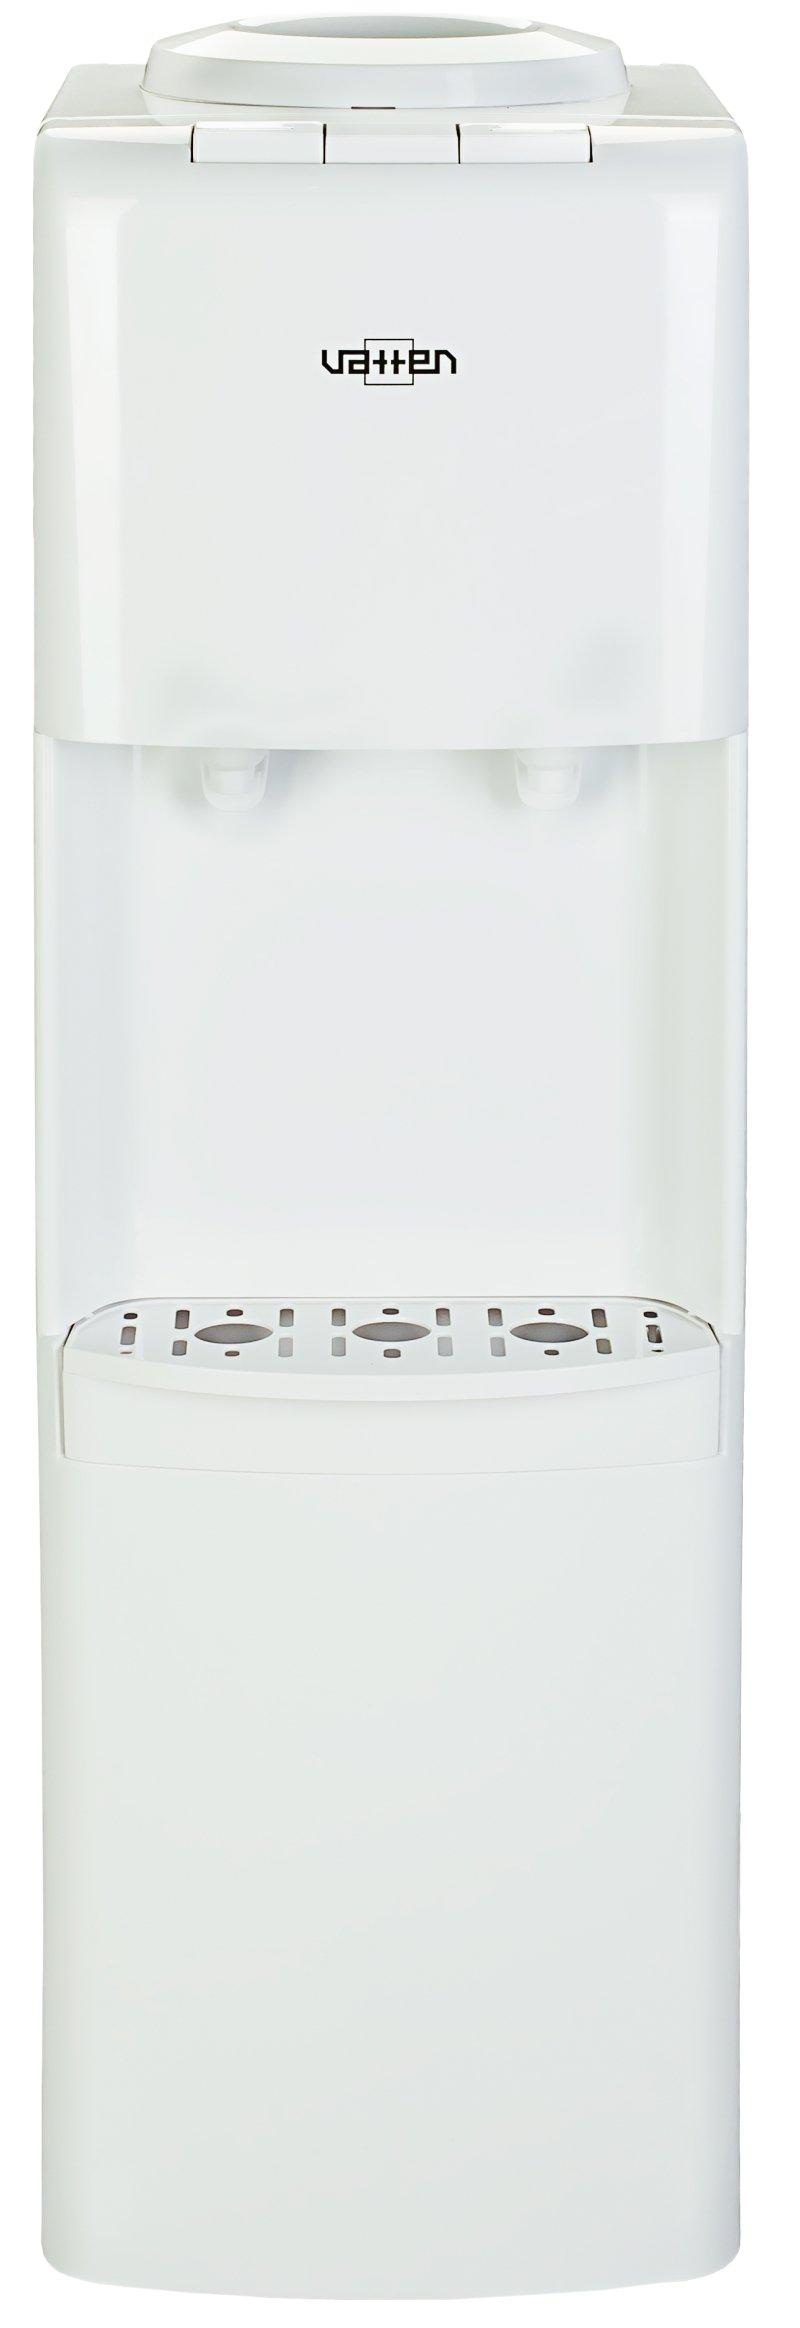 Кулер для воды Vatten V41WFH напольный, без нагрева. без охлаждения